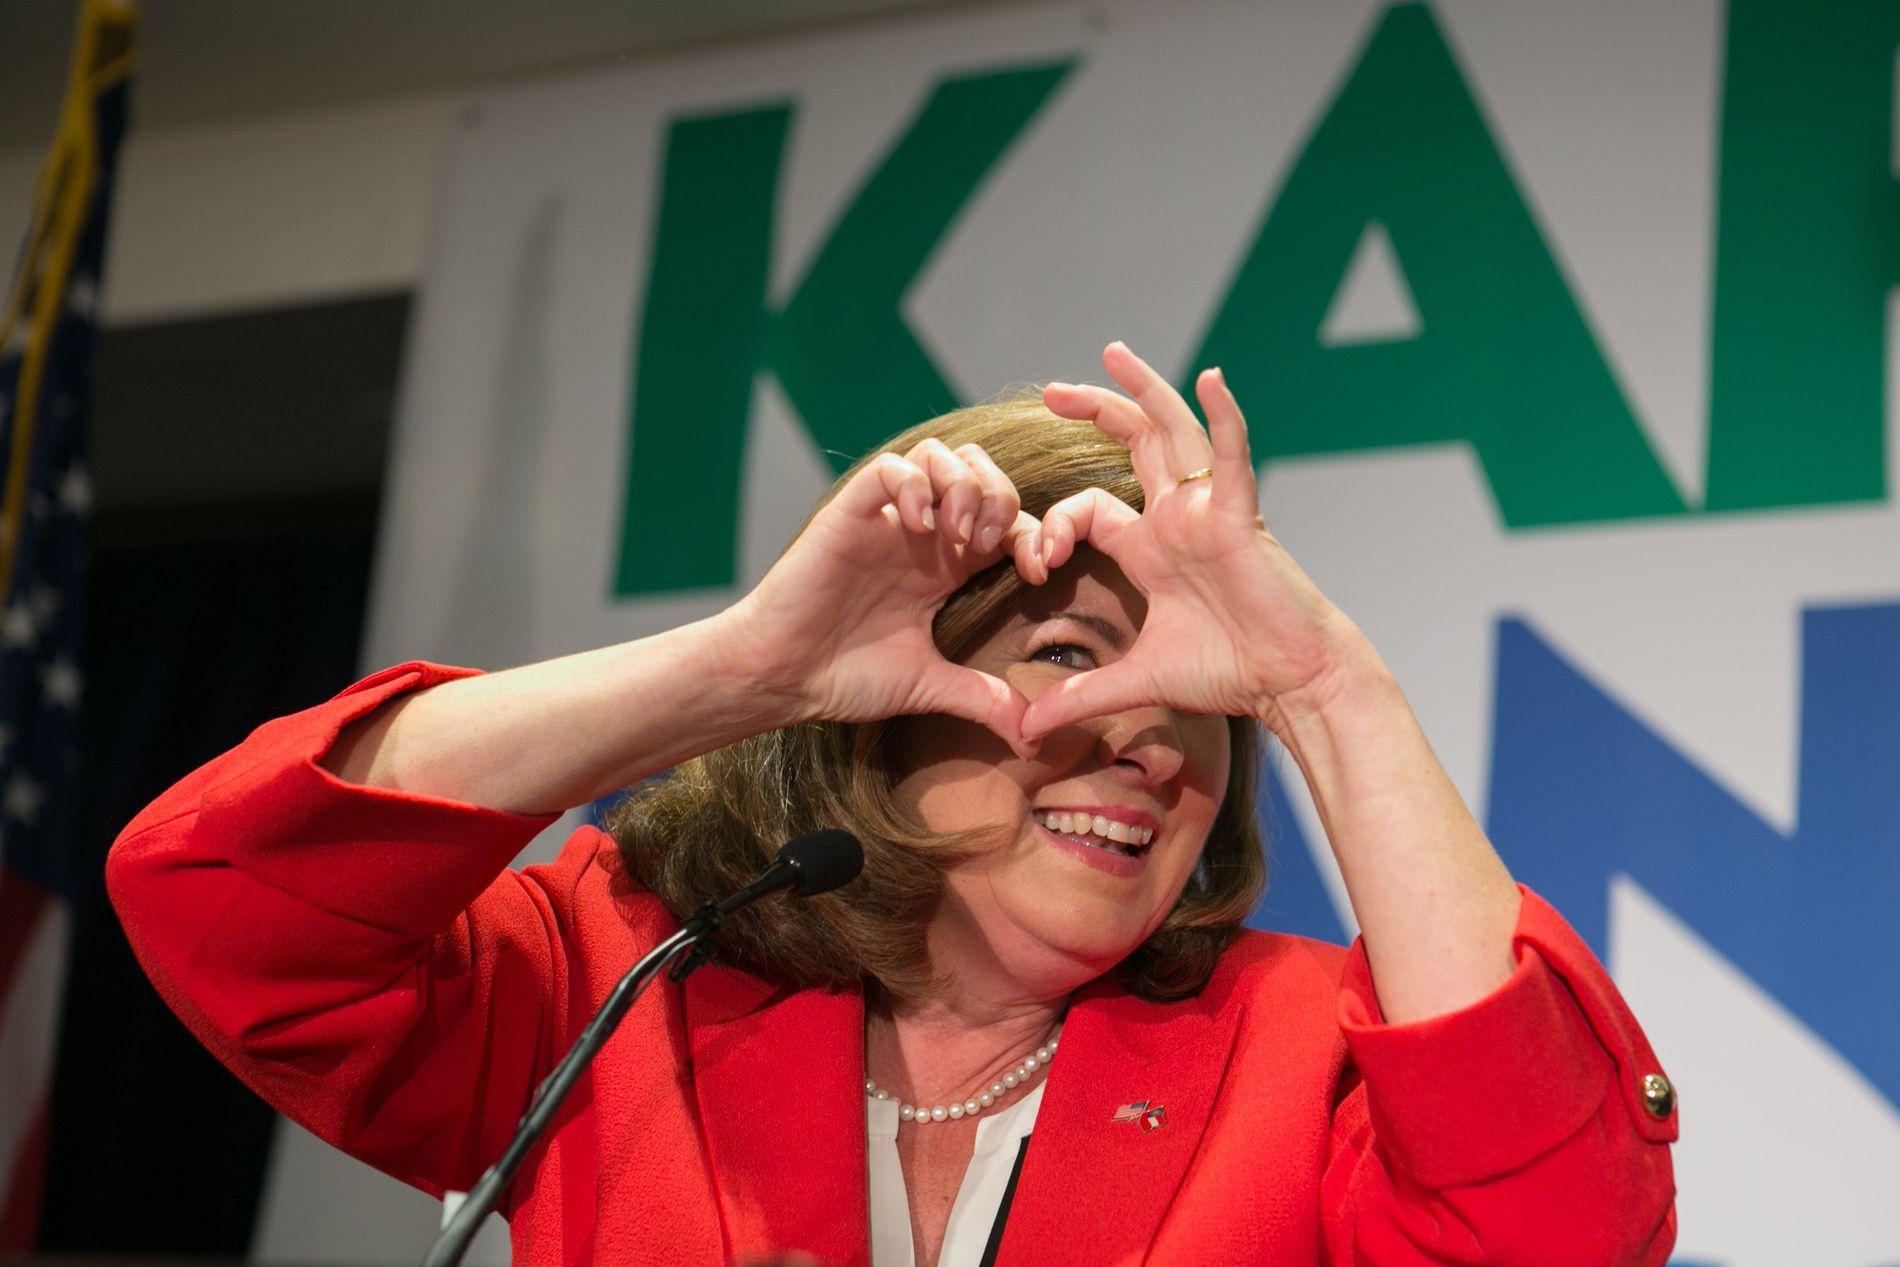 REPUBLIKANER: Karen Handel viser hjertesymbolet på et arrangement på valgdagen.